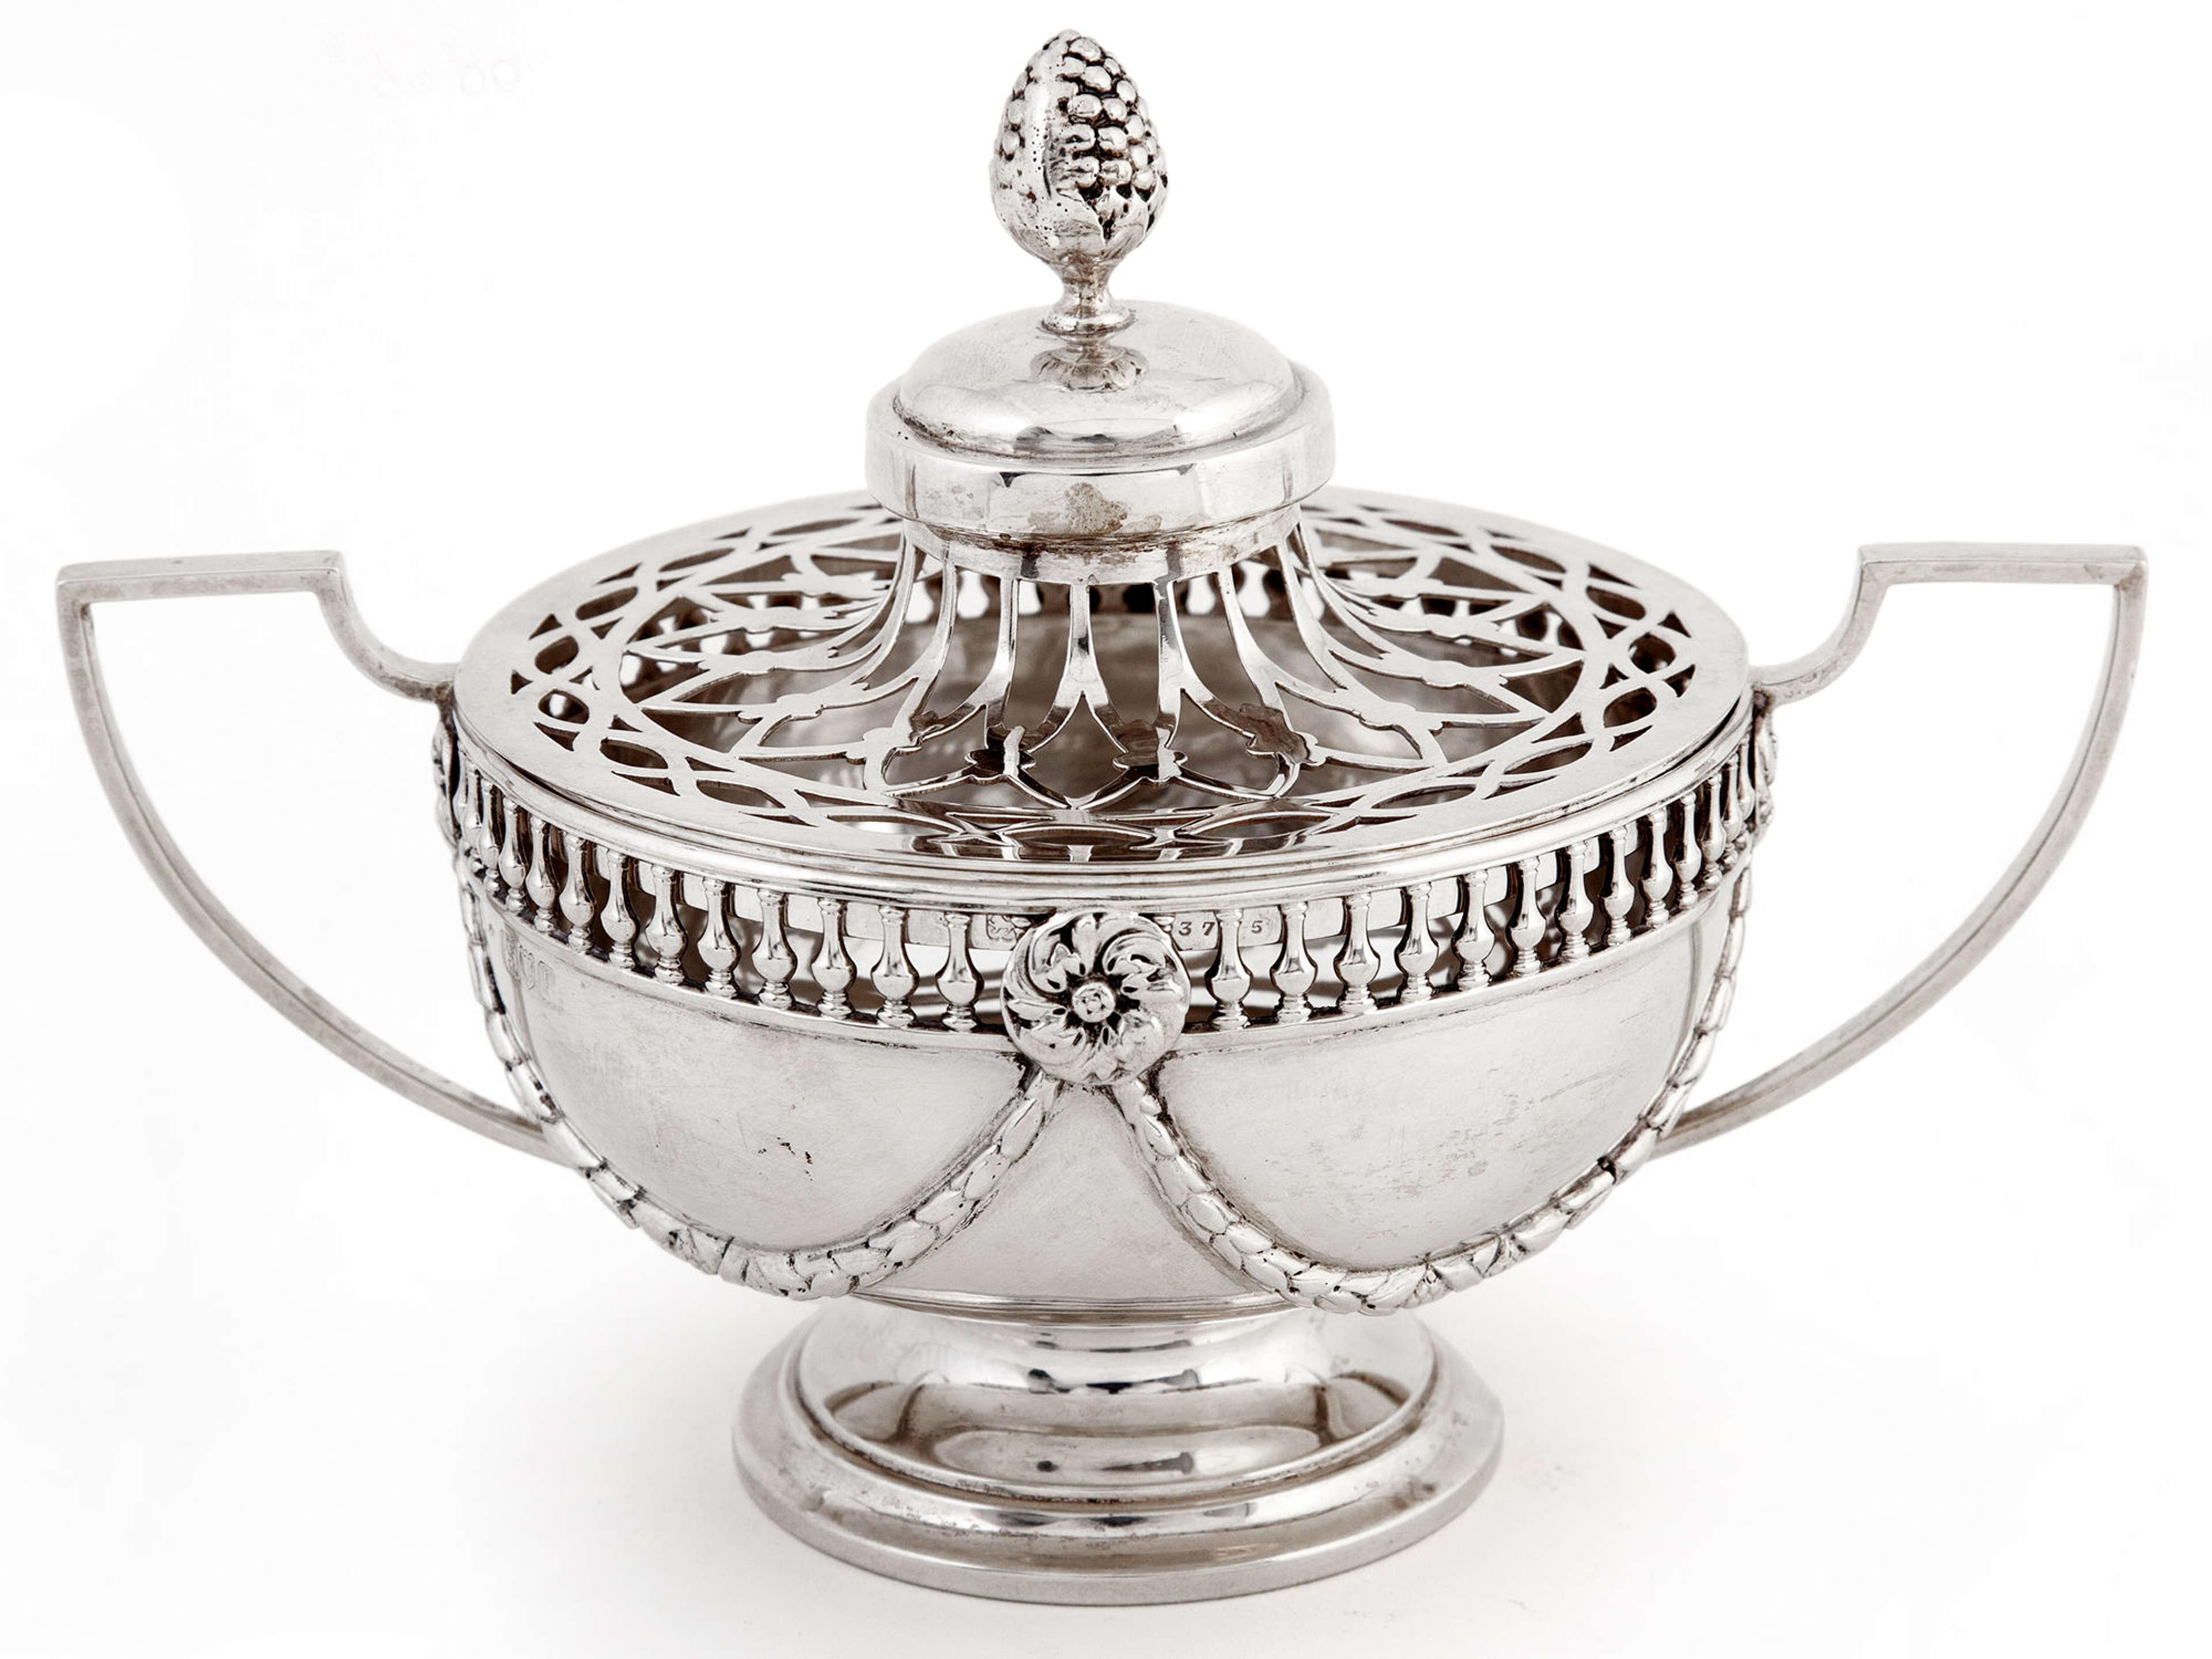 William Comyns Edwardian Silver Potpourri Bowl